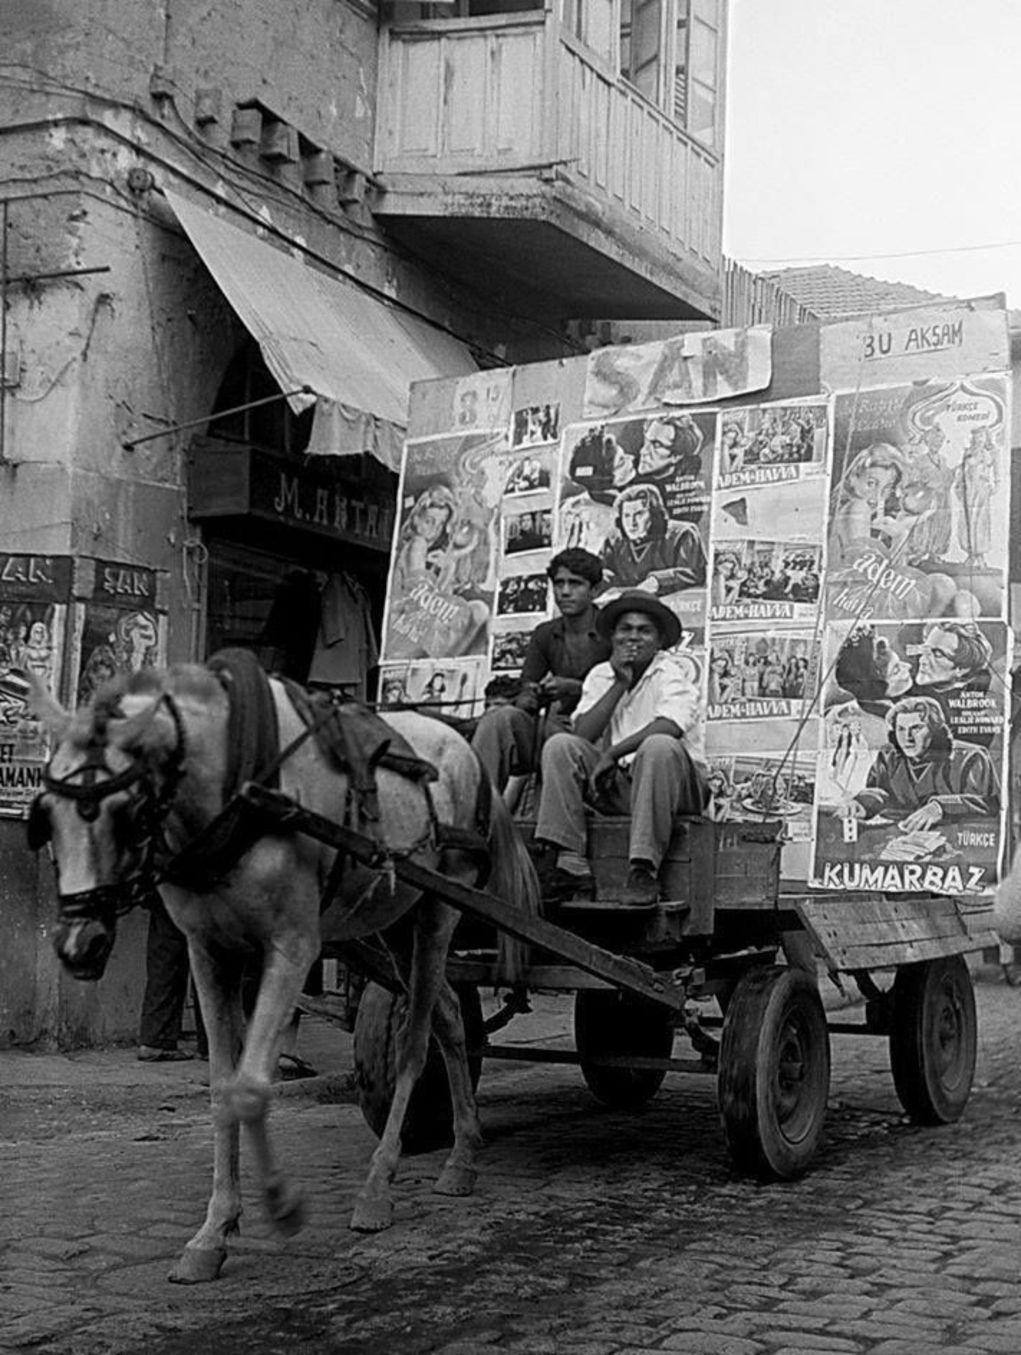 At arabasıyla film duyurusunun temsili fotoğrafı...